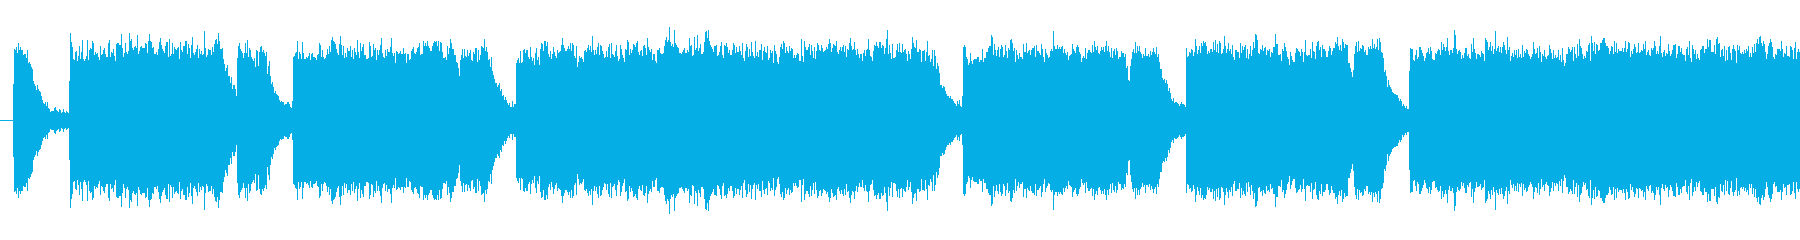 ダークな雰囲気のあるループシンセの再生済みの波形